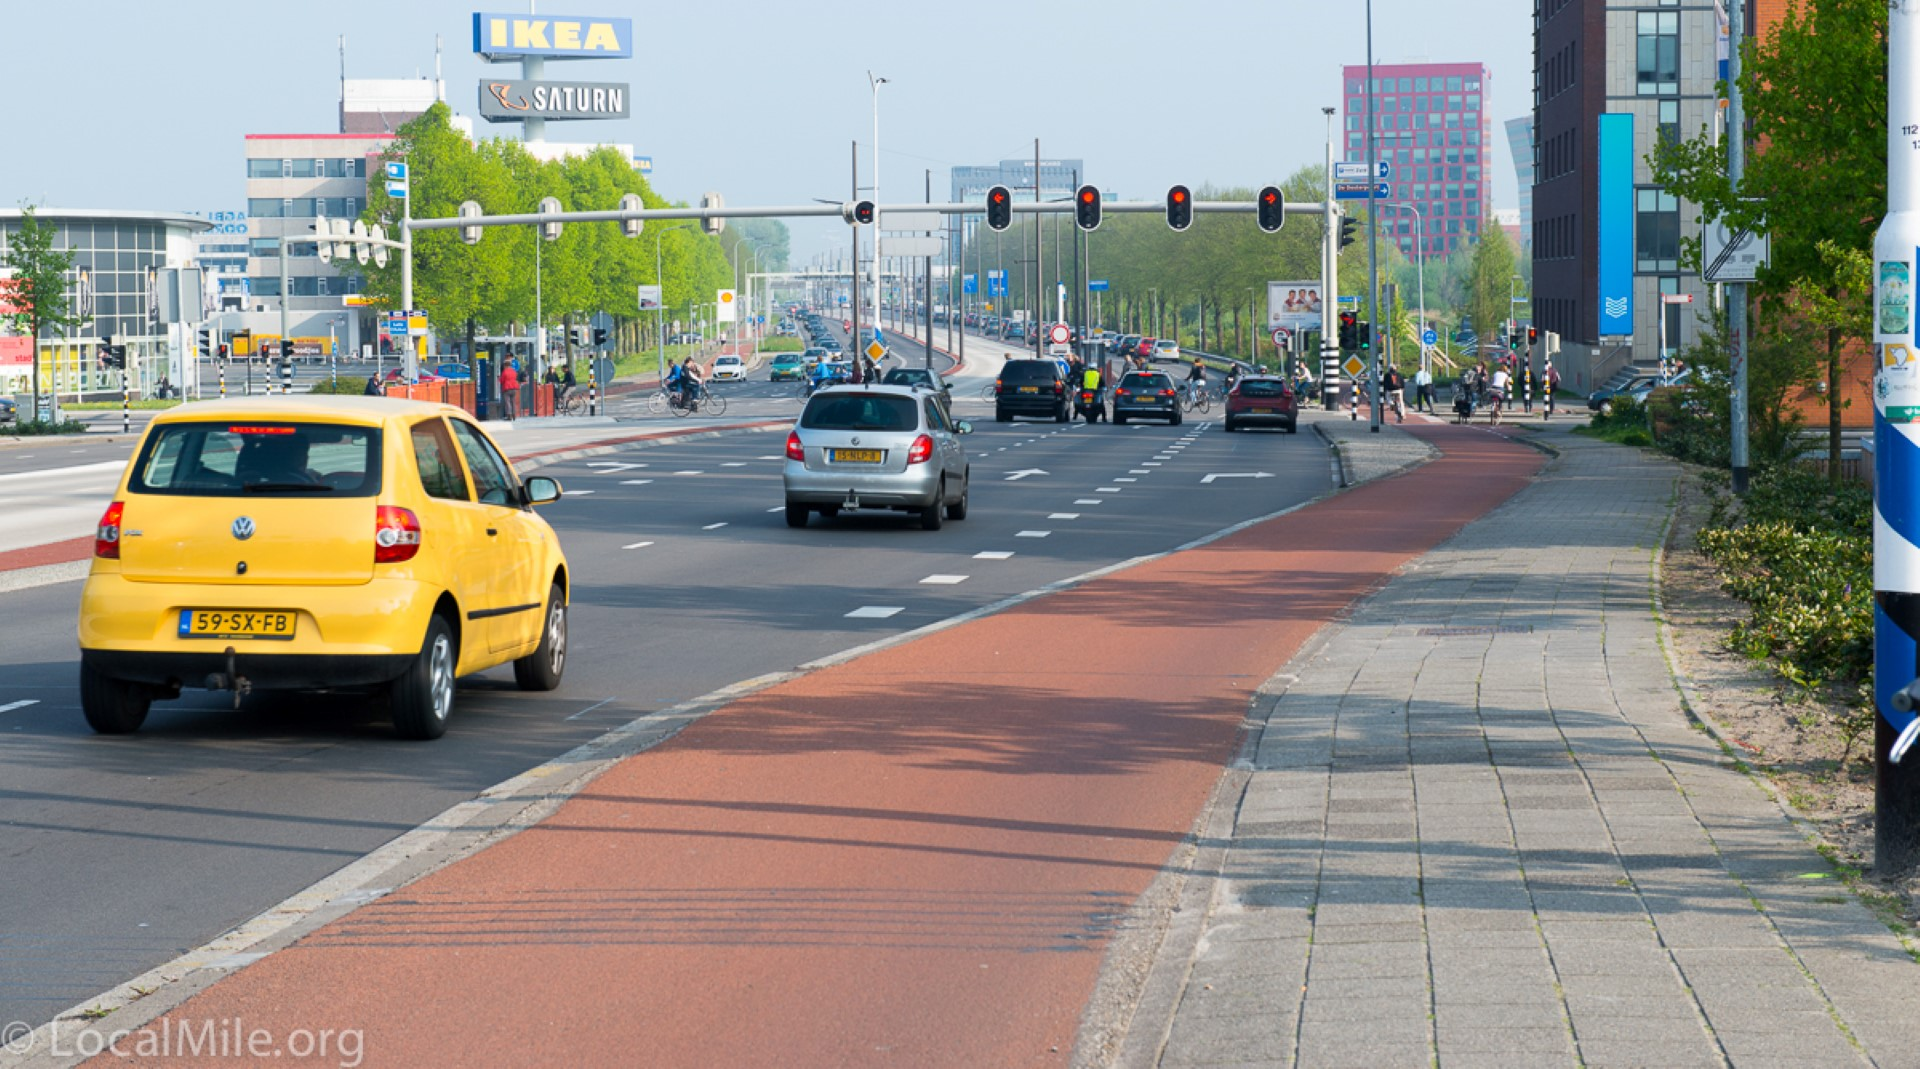 שביל אופניים על המדרכה, אדום